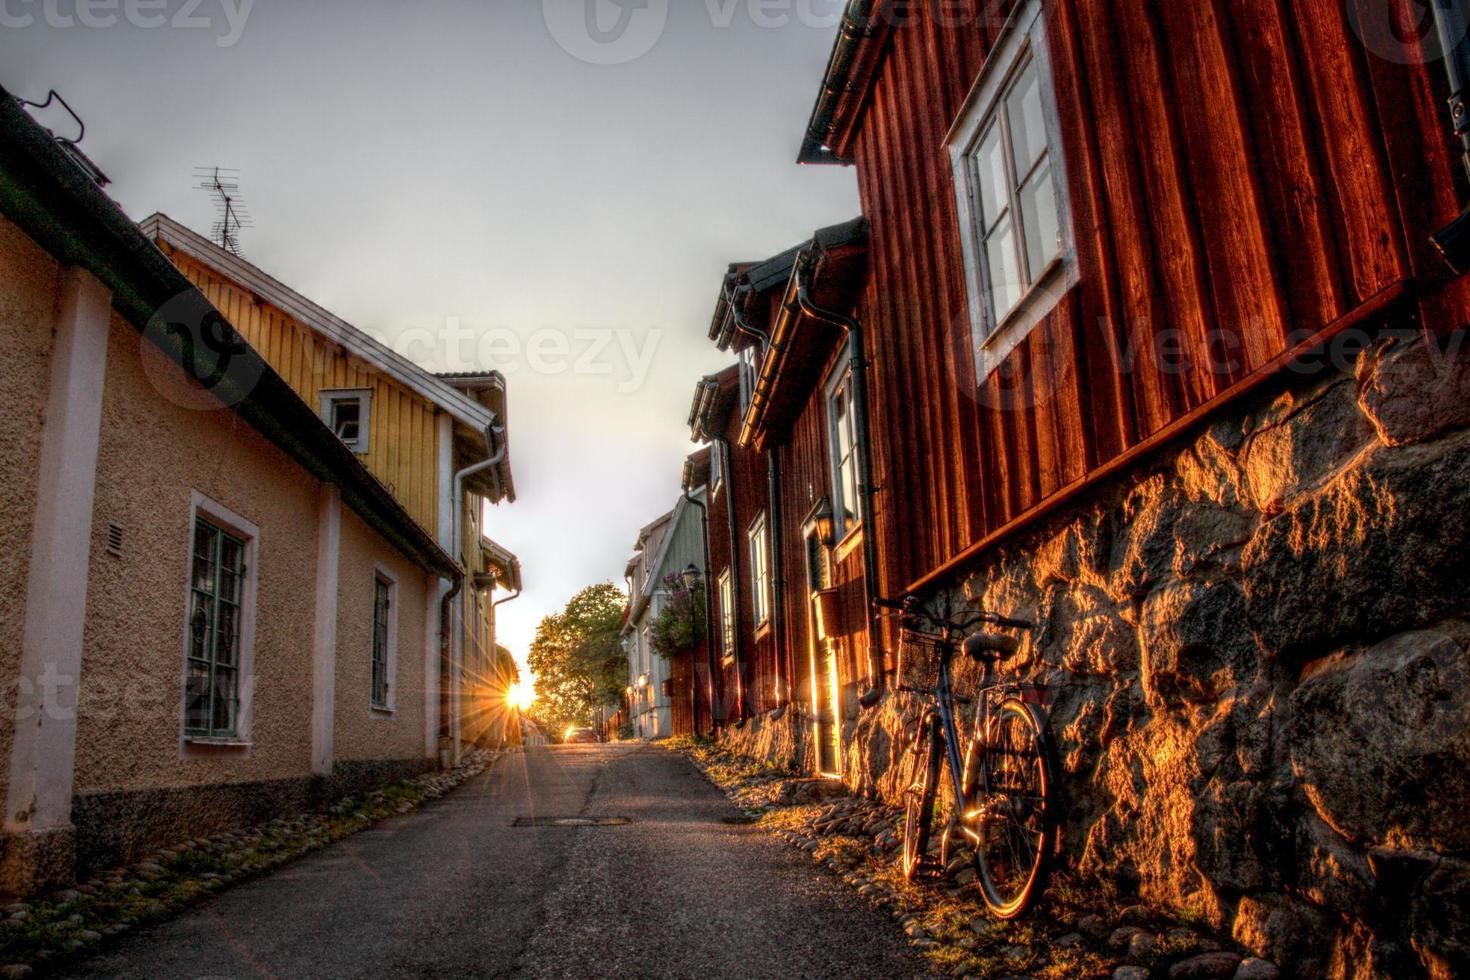 Sonnenuntergang in den Straßen von Strängnäs, Schweden foto